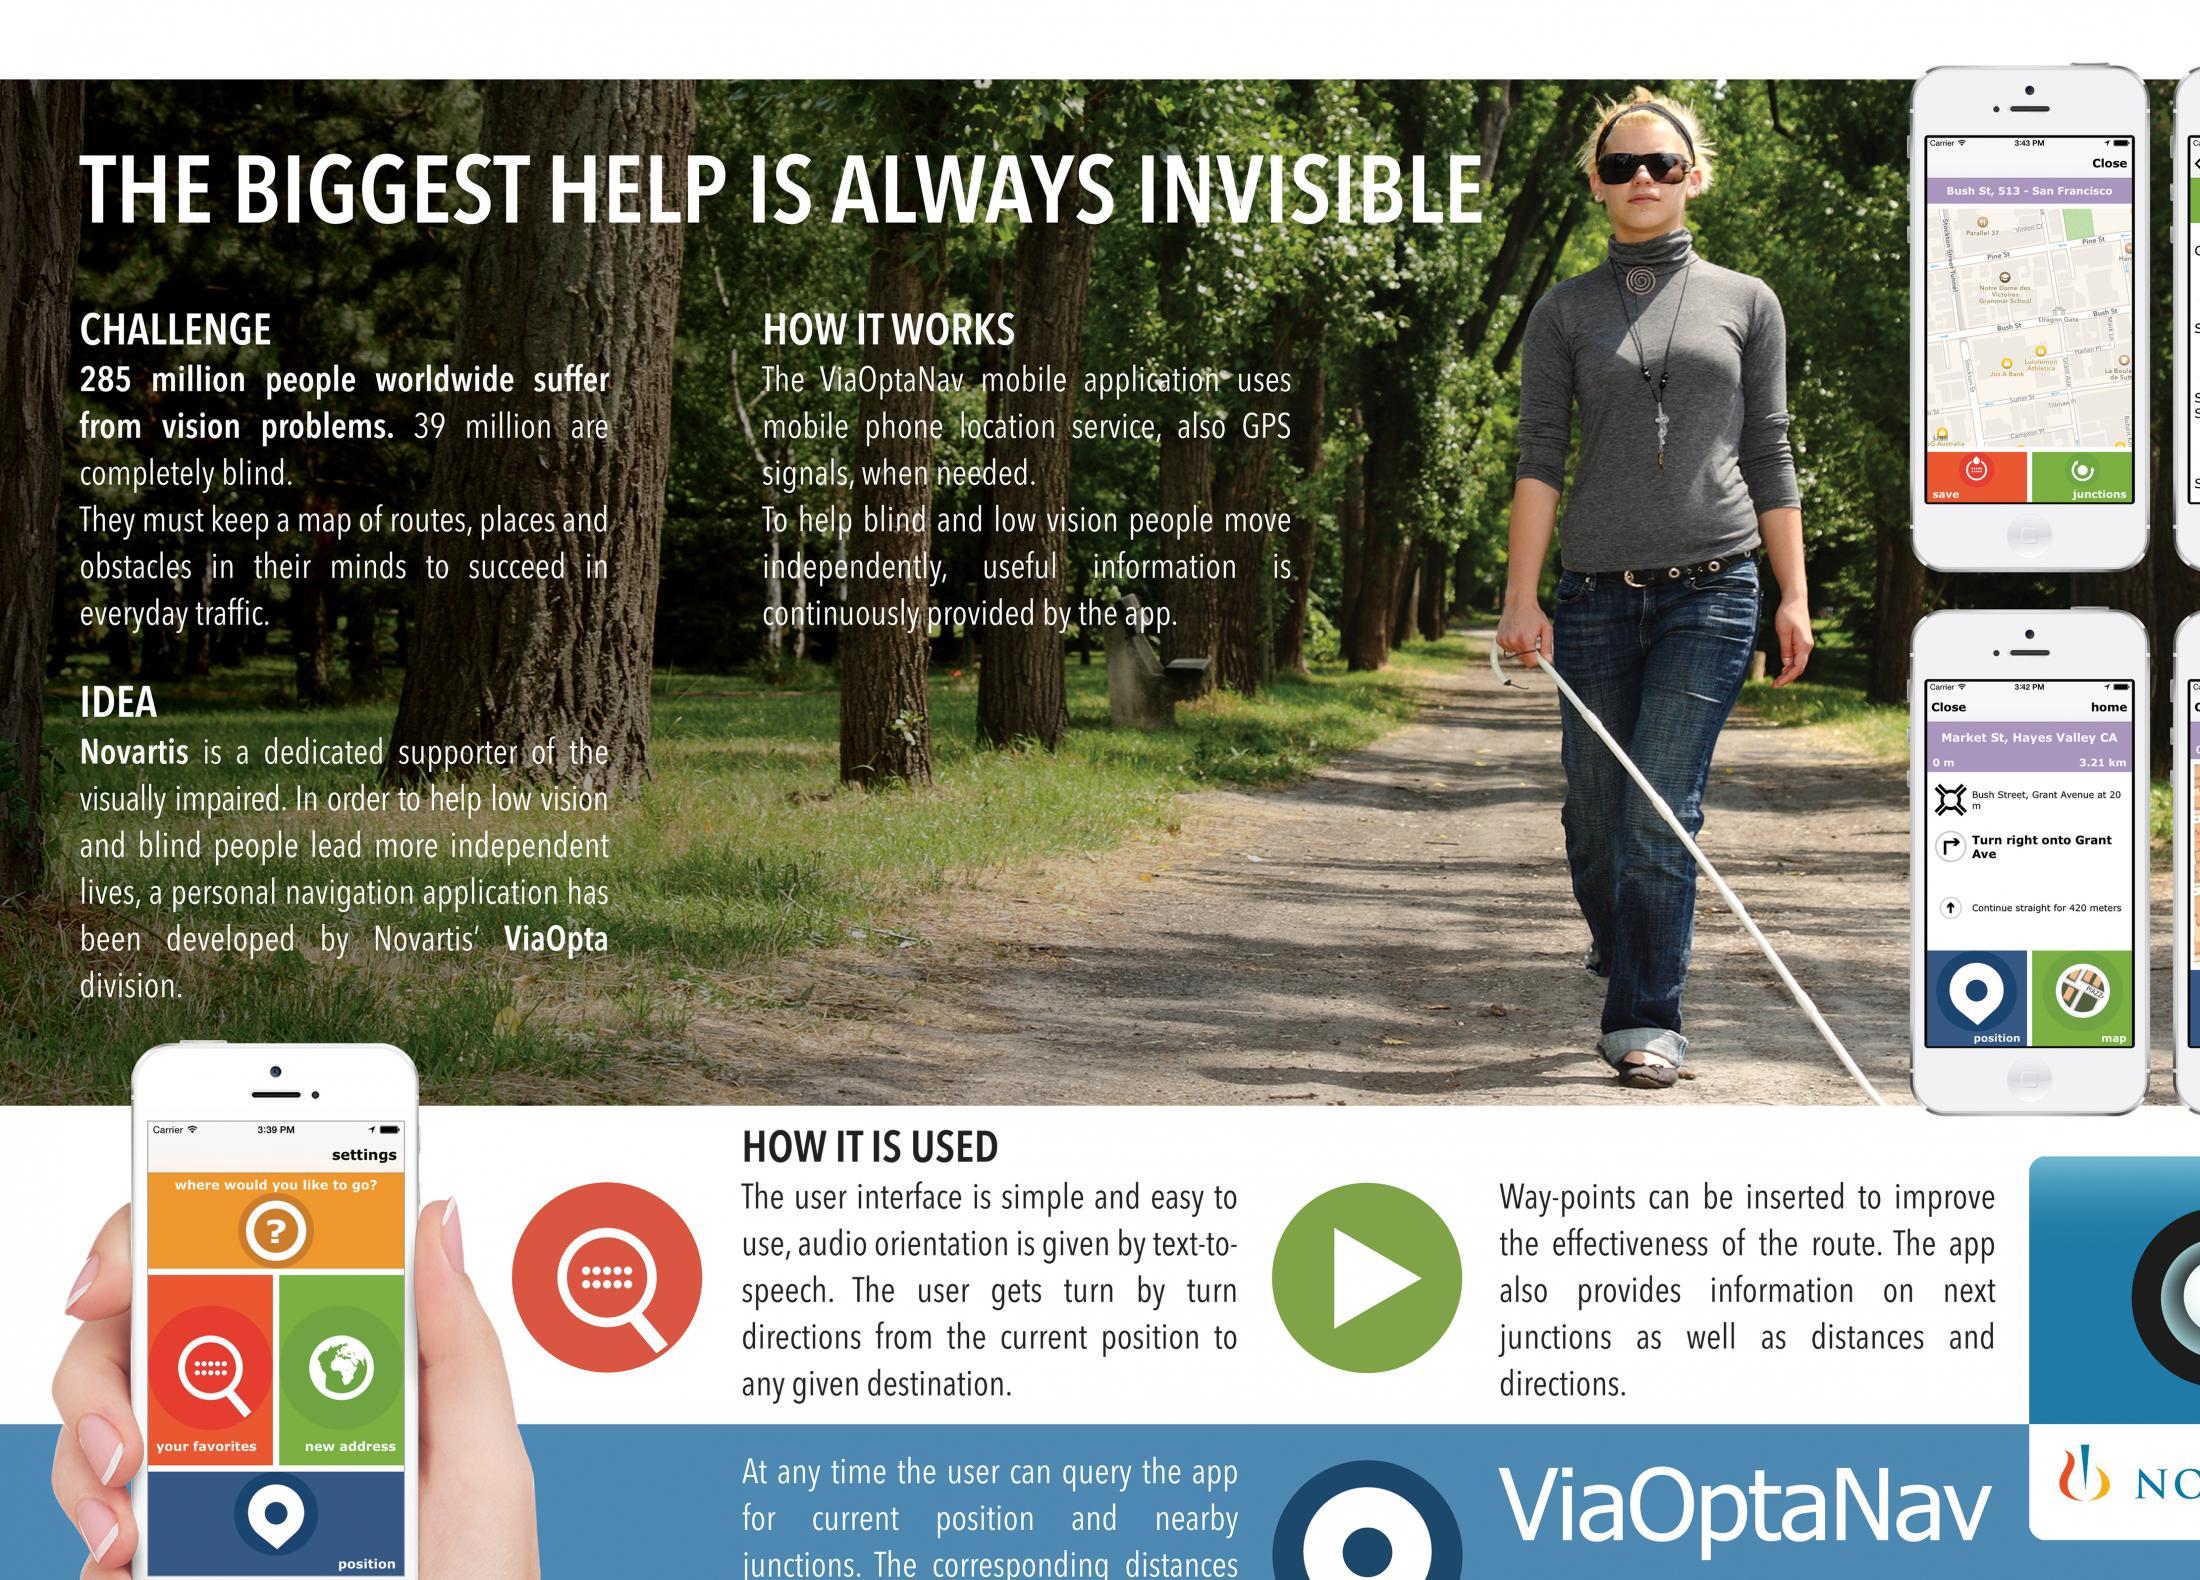 Thumbnail for ViaOpta NAV